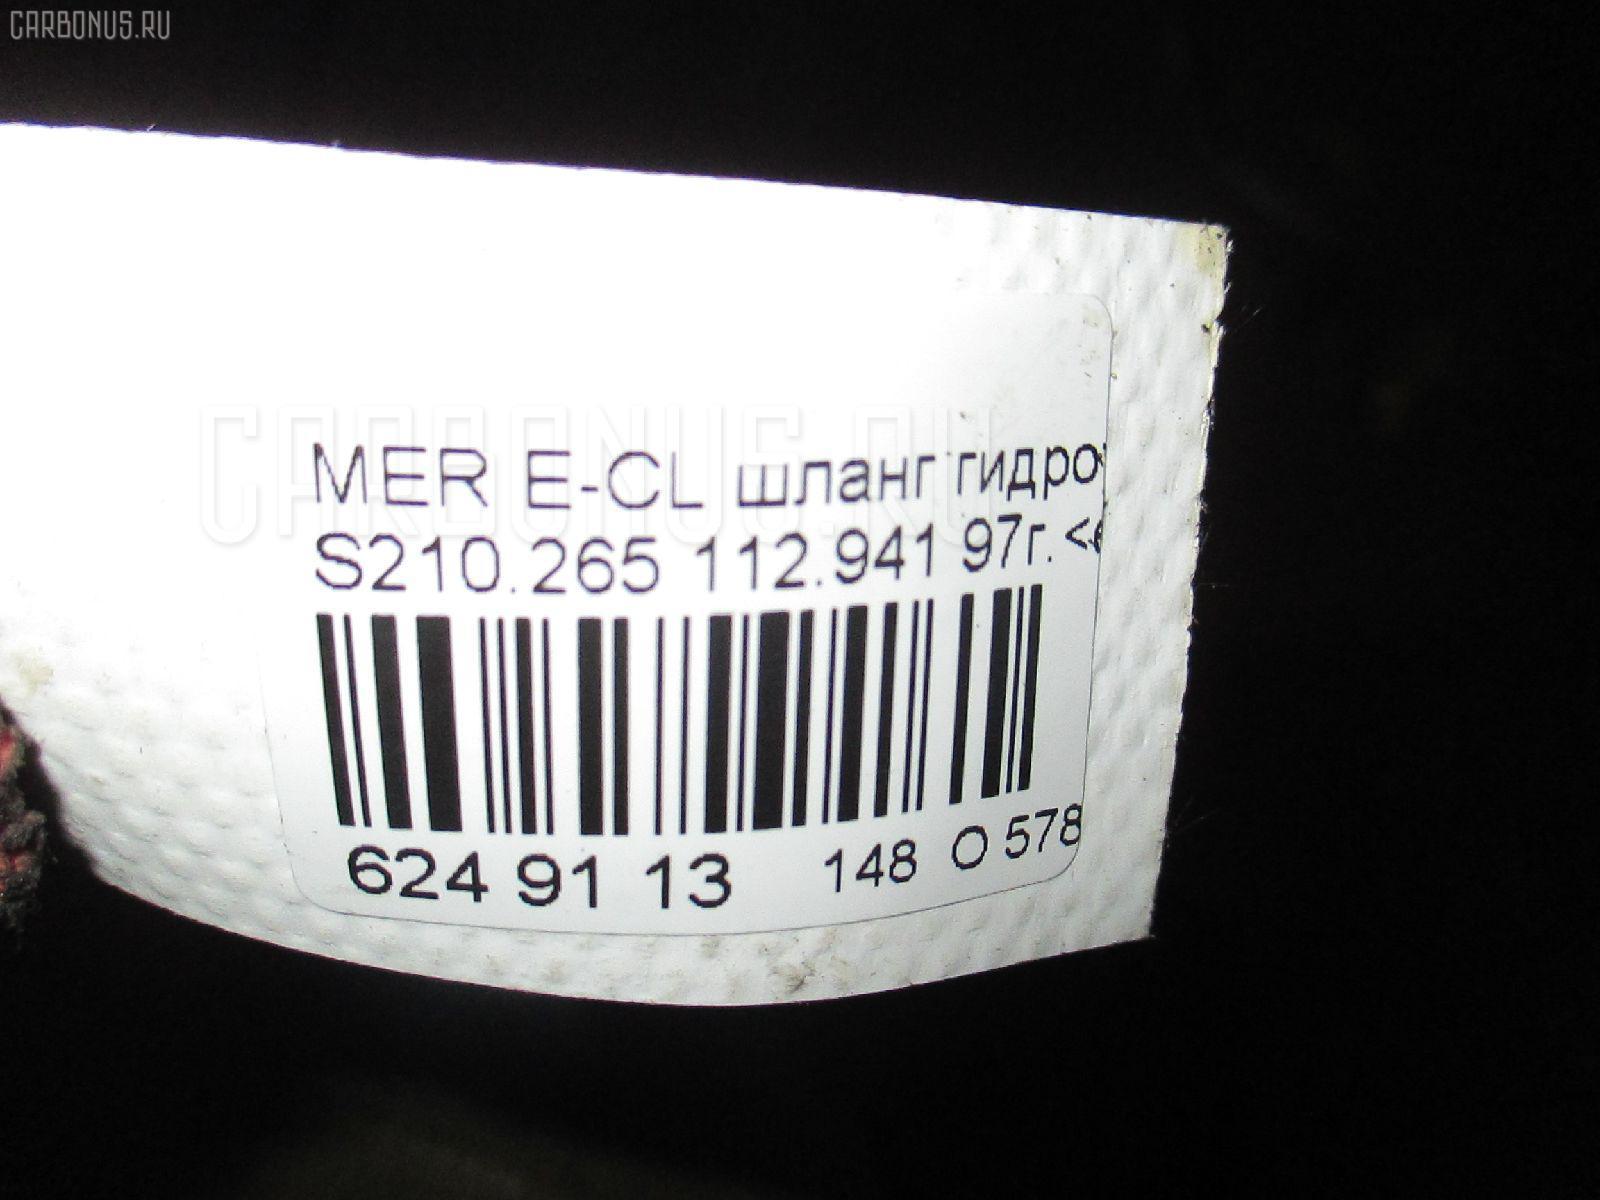 Шланг гидроусилителя MERCEDES-BENZ E-CLASS STATION WAGON S210.265 112.941 Фото 7